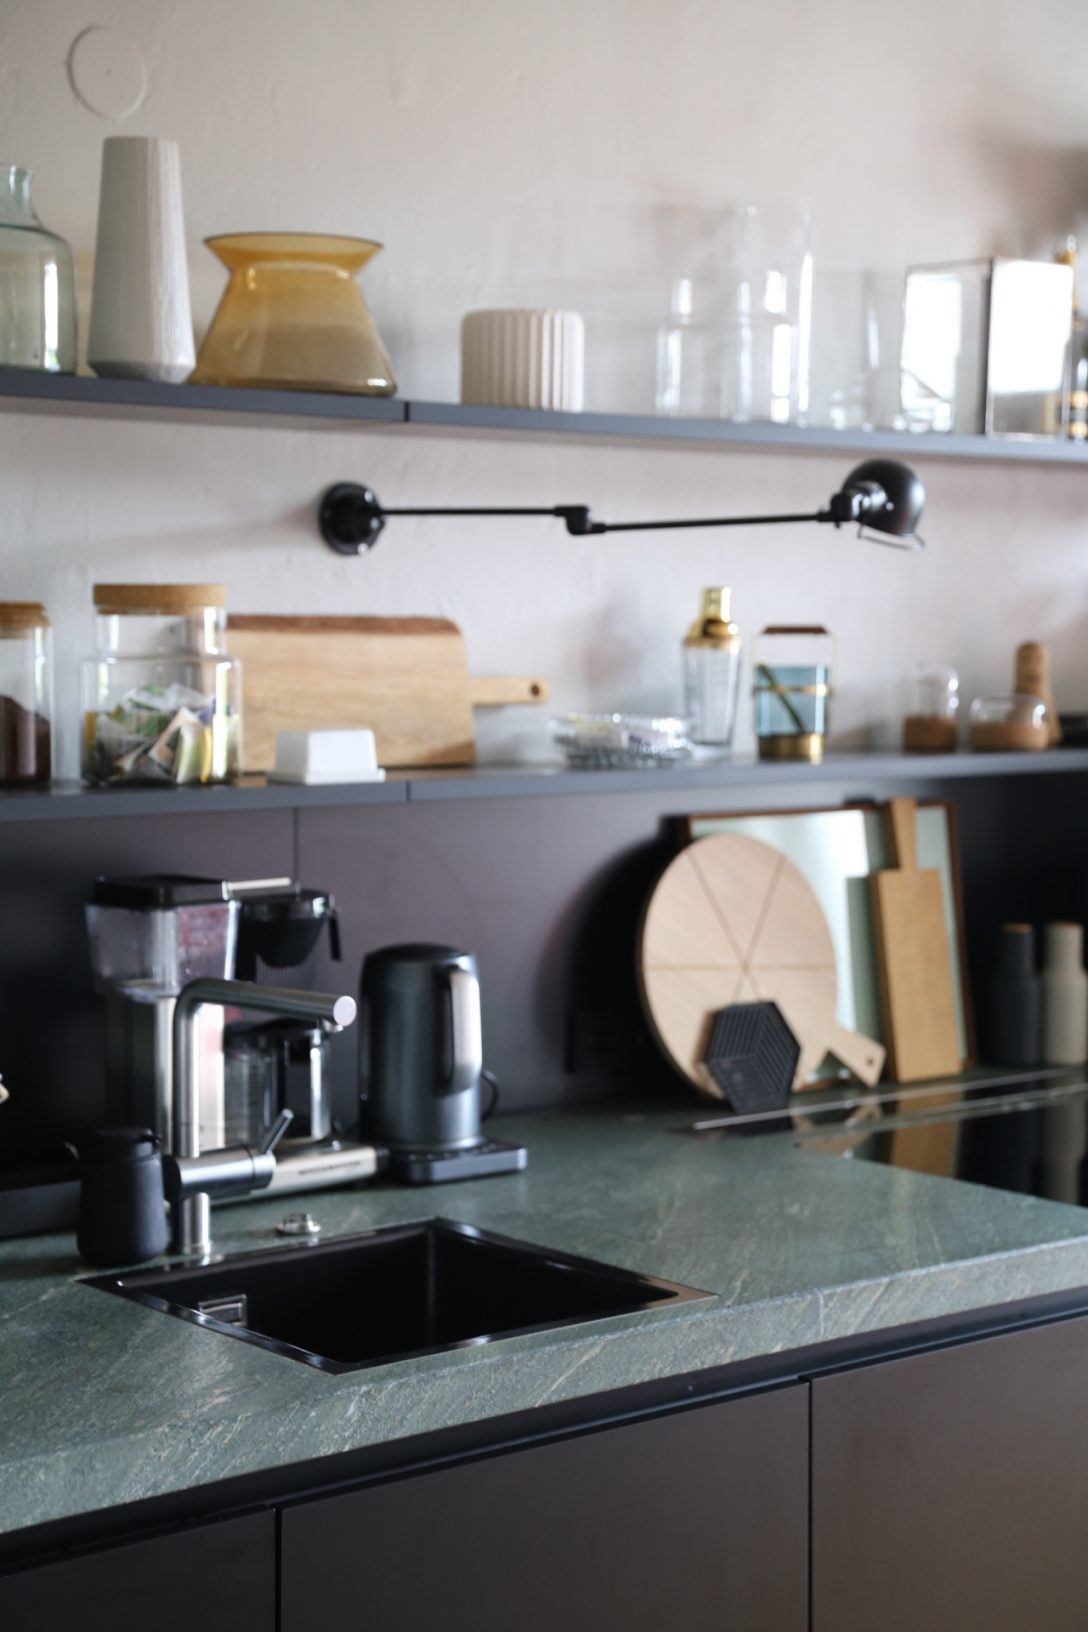 Large Size of Granitplatten Küche Ein Jahr Mit Der Neuen Kche Resmee Lieferzeit Modul Komplettküche Einzelschränke Mobile Einbauküche Elektrogeräten Sitzbank Lehne Küche Granitplatten Küche